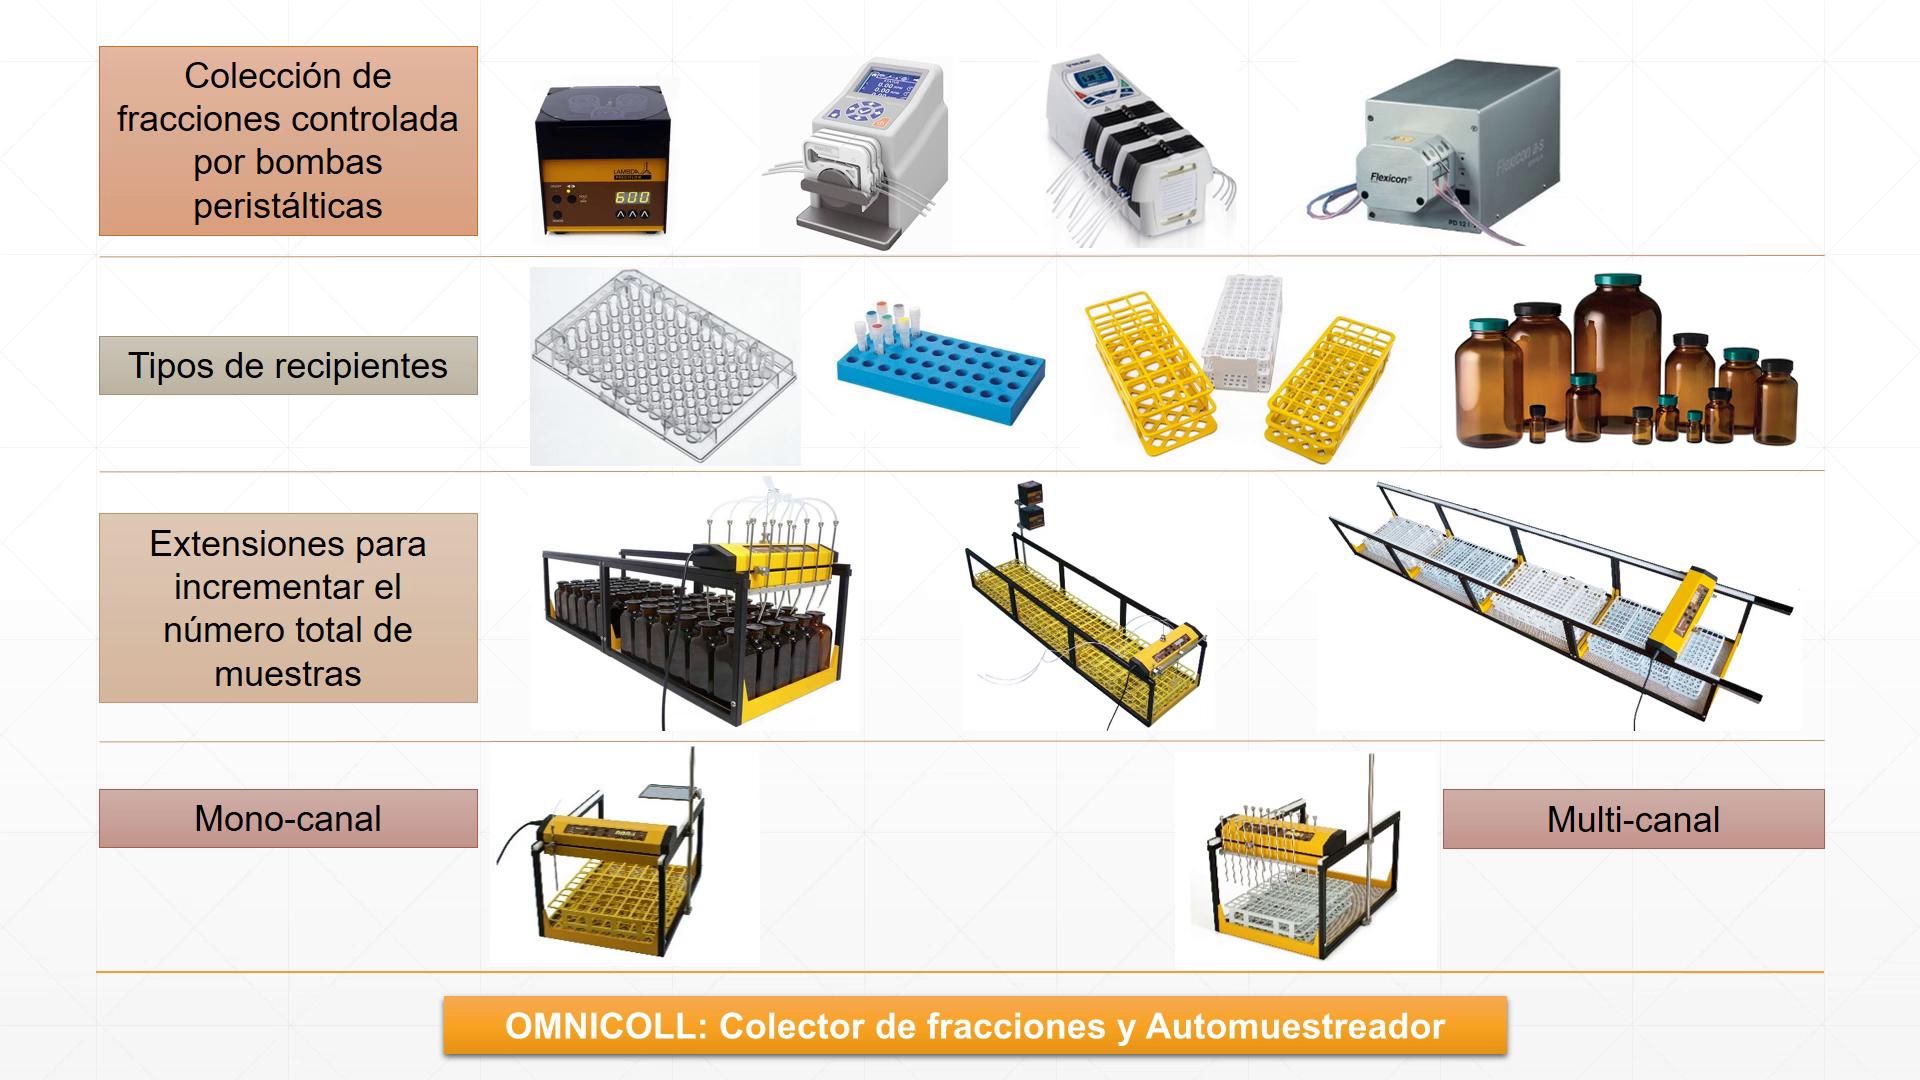 Personalizaciones del Colector de Fracciones OMNICOLL para aplicaciones cromatográficas